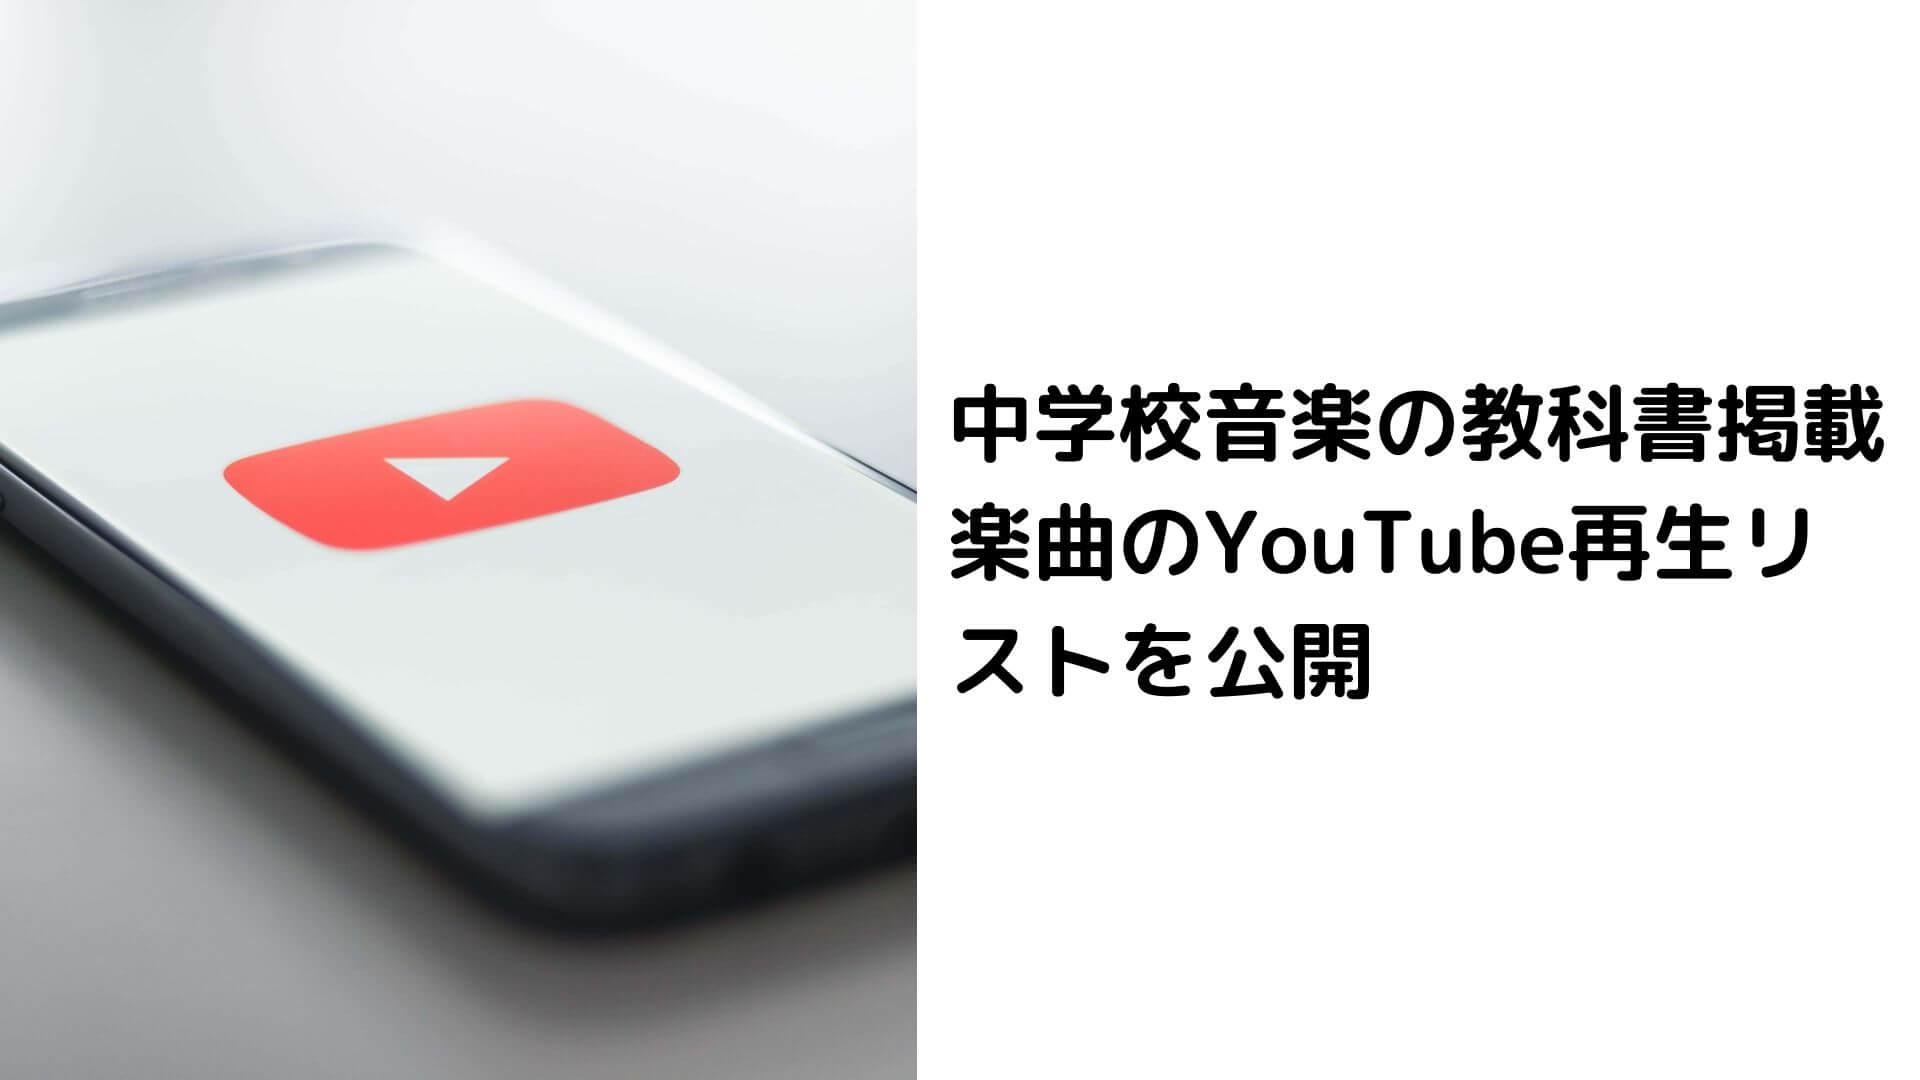 中学校音楽の教科書掲載楽曲のYouTube再生リストを公開